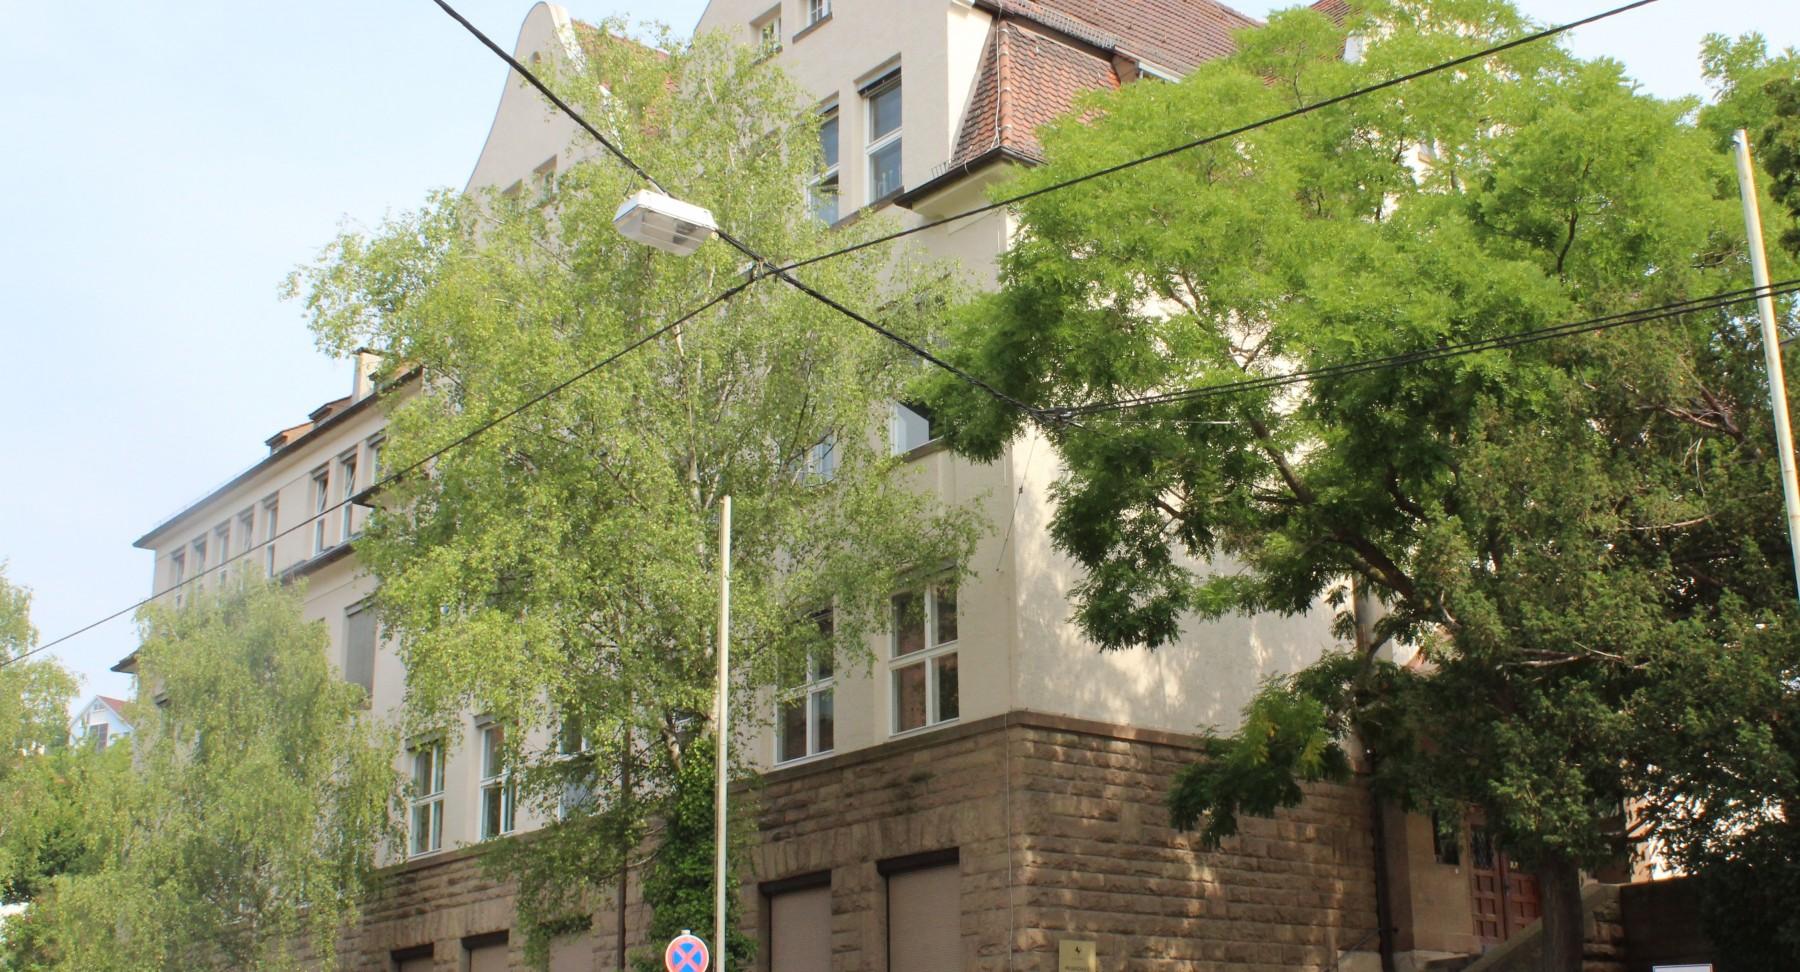 Schule von der Straße aus